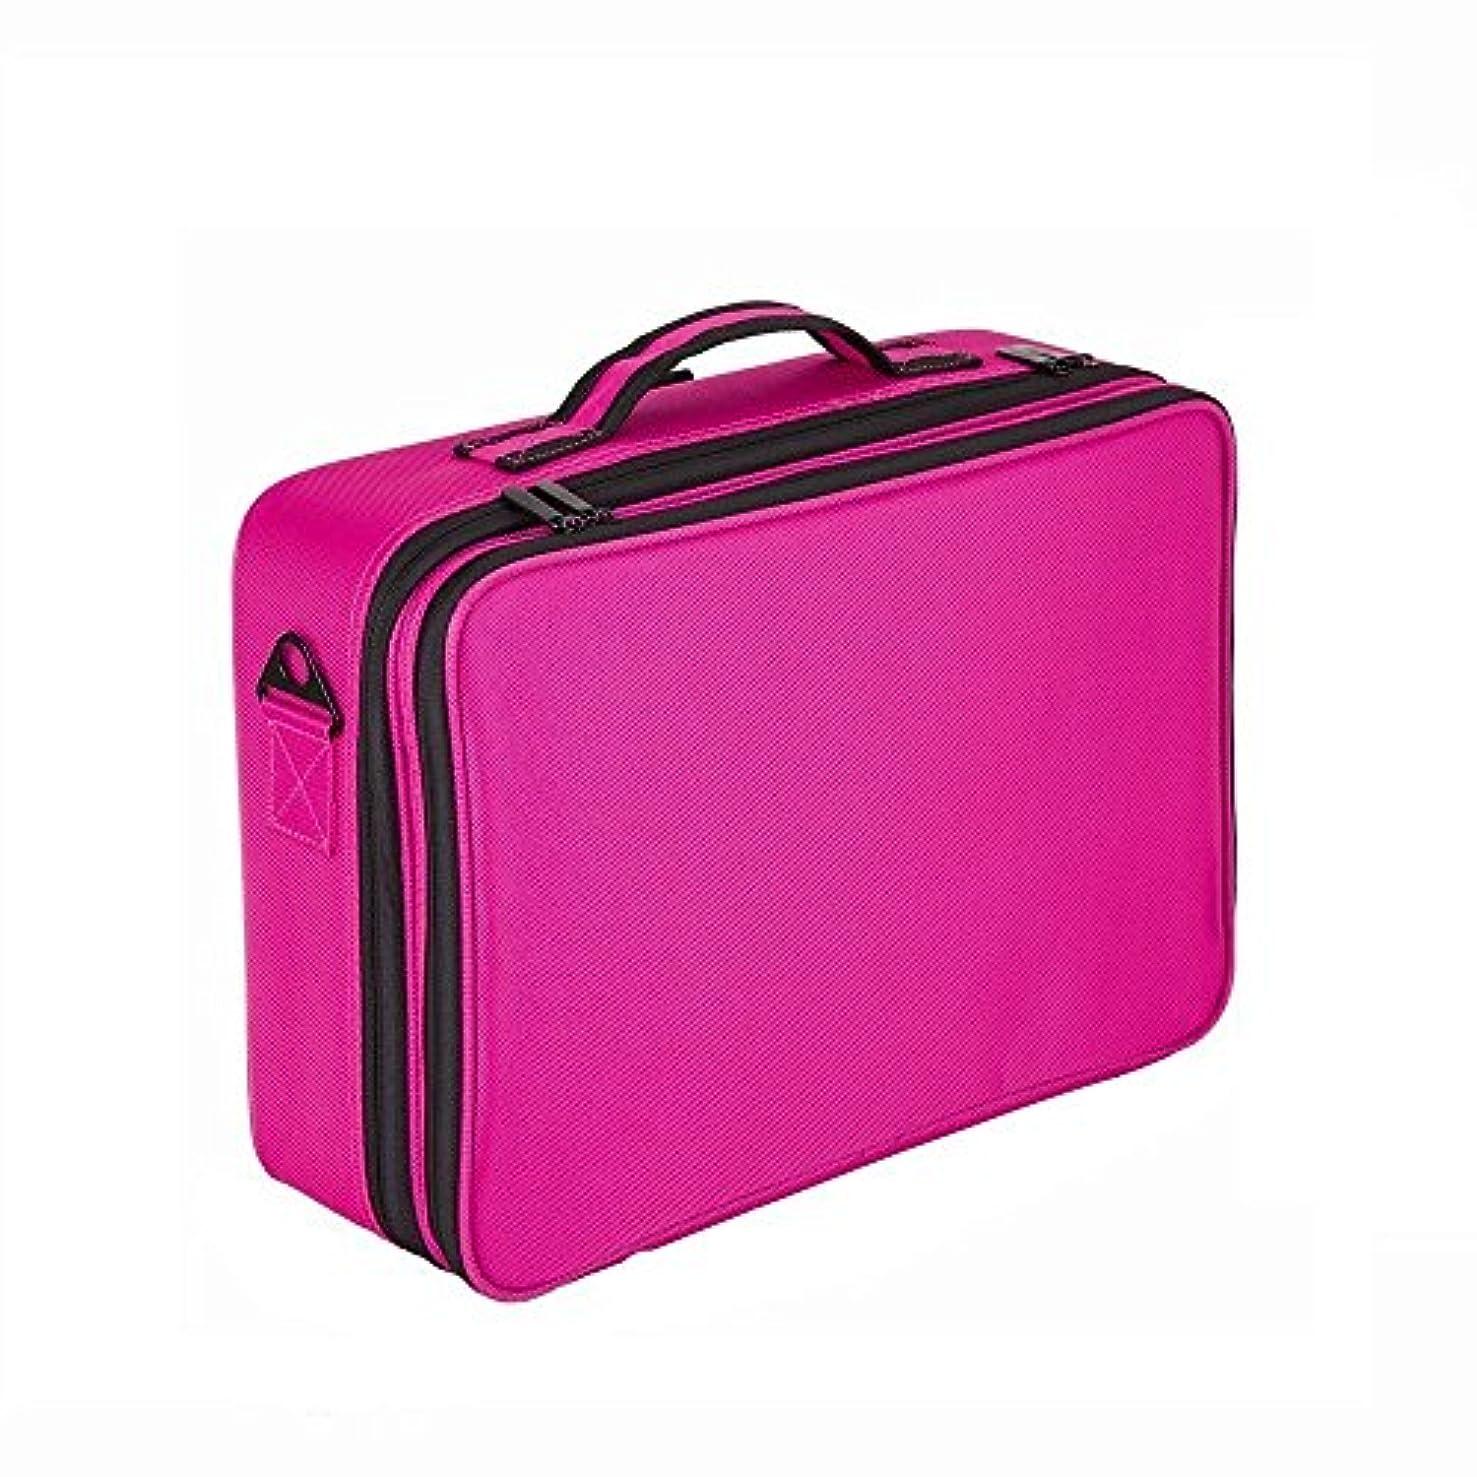 斧処方文MLMSY化粧品ケースプロの旅行の化粧品の袋、鏡の化粧ケース、大容量の収納袋調節可能なclapboard化粧ケース42 cm * 30 cm * 12 cm